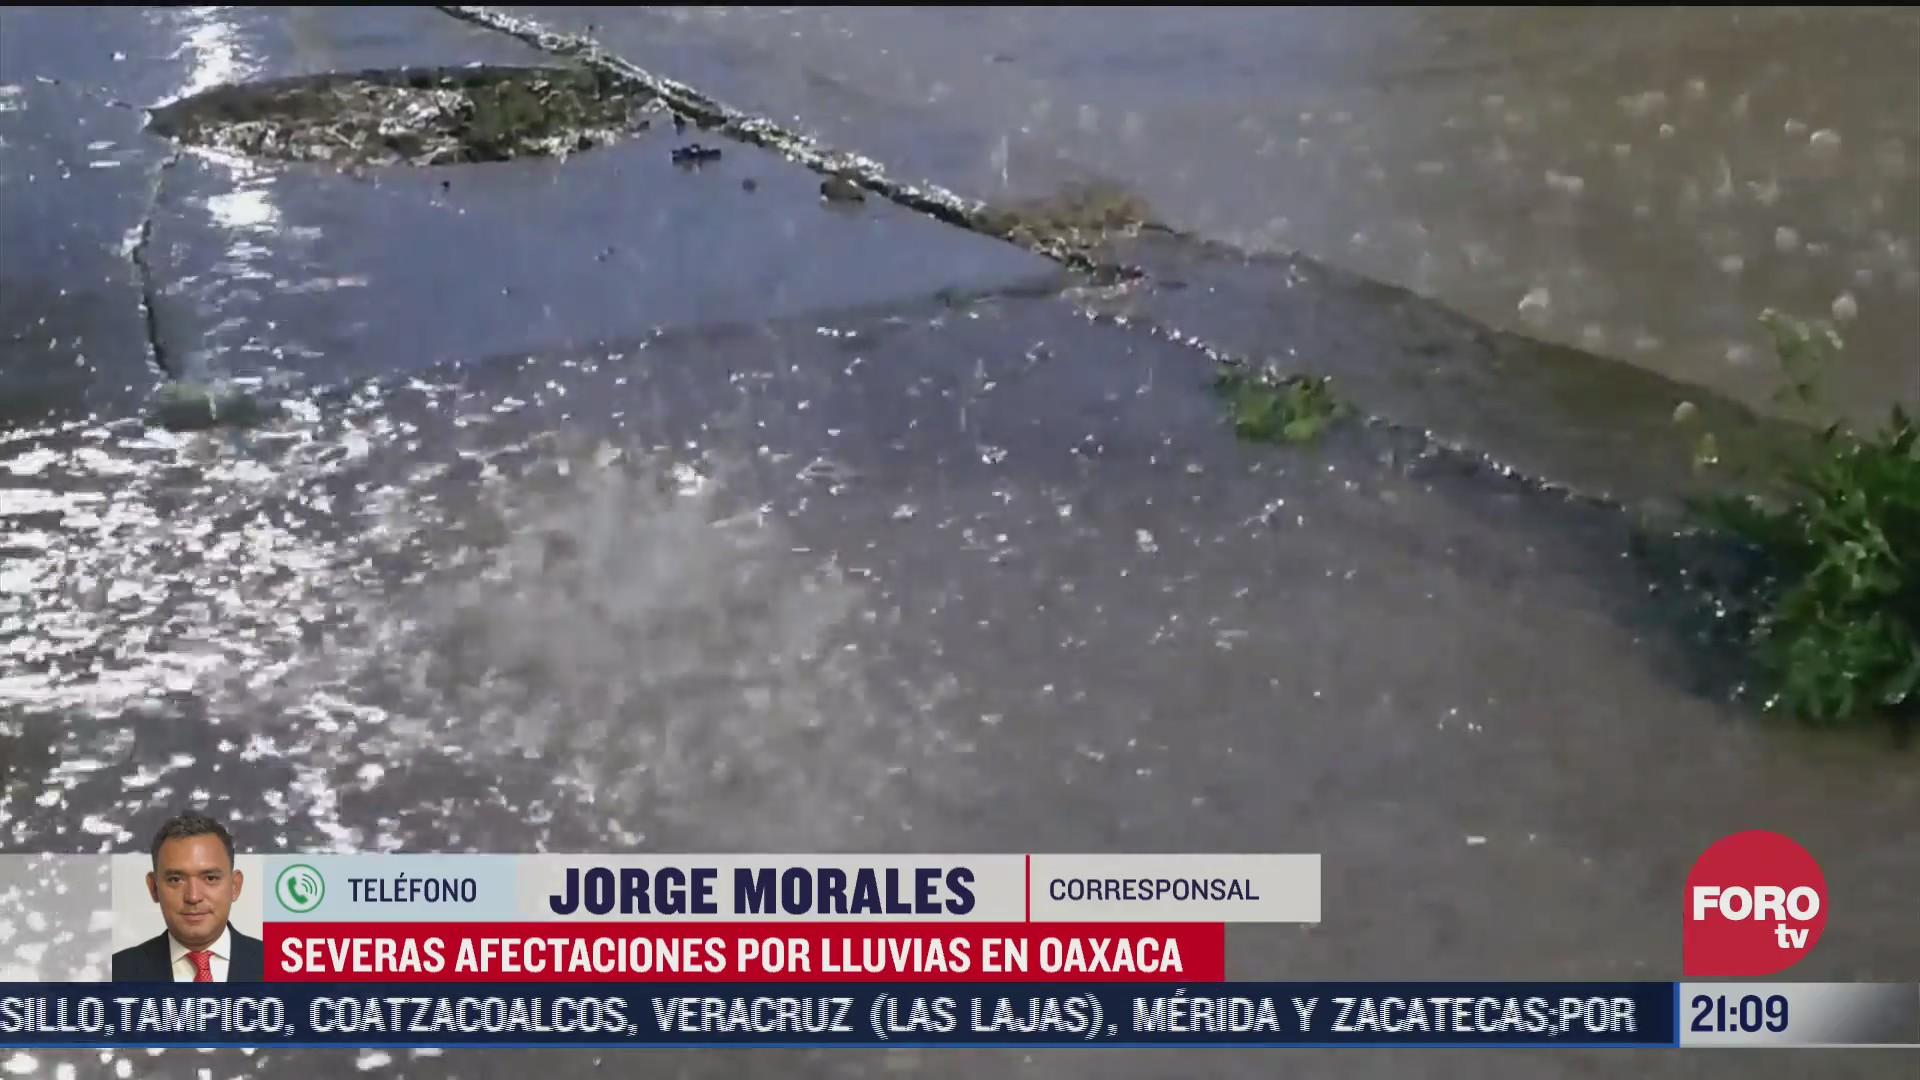 afectaciones severas en oaxaca tras horas de lluvia